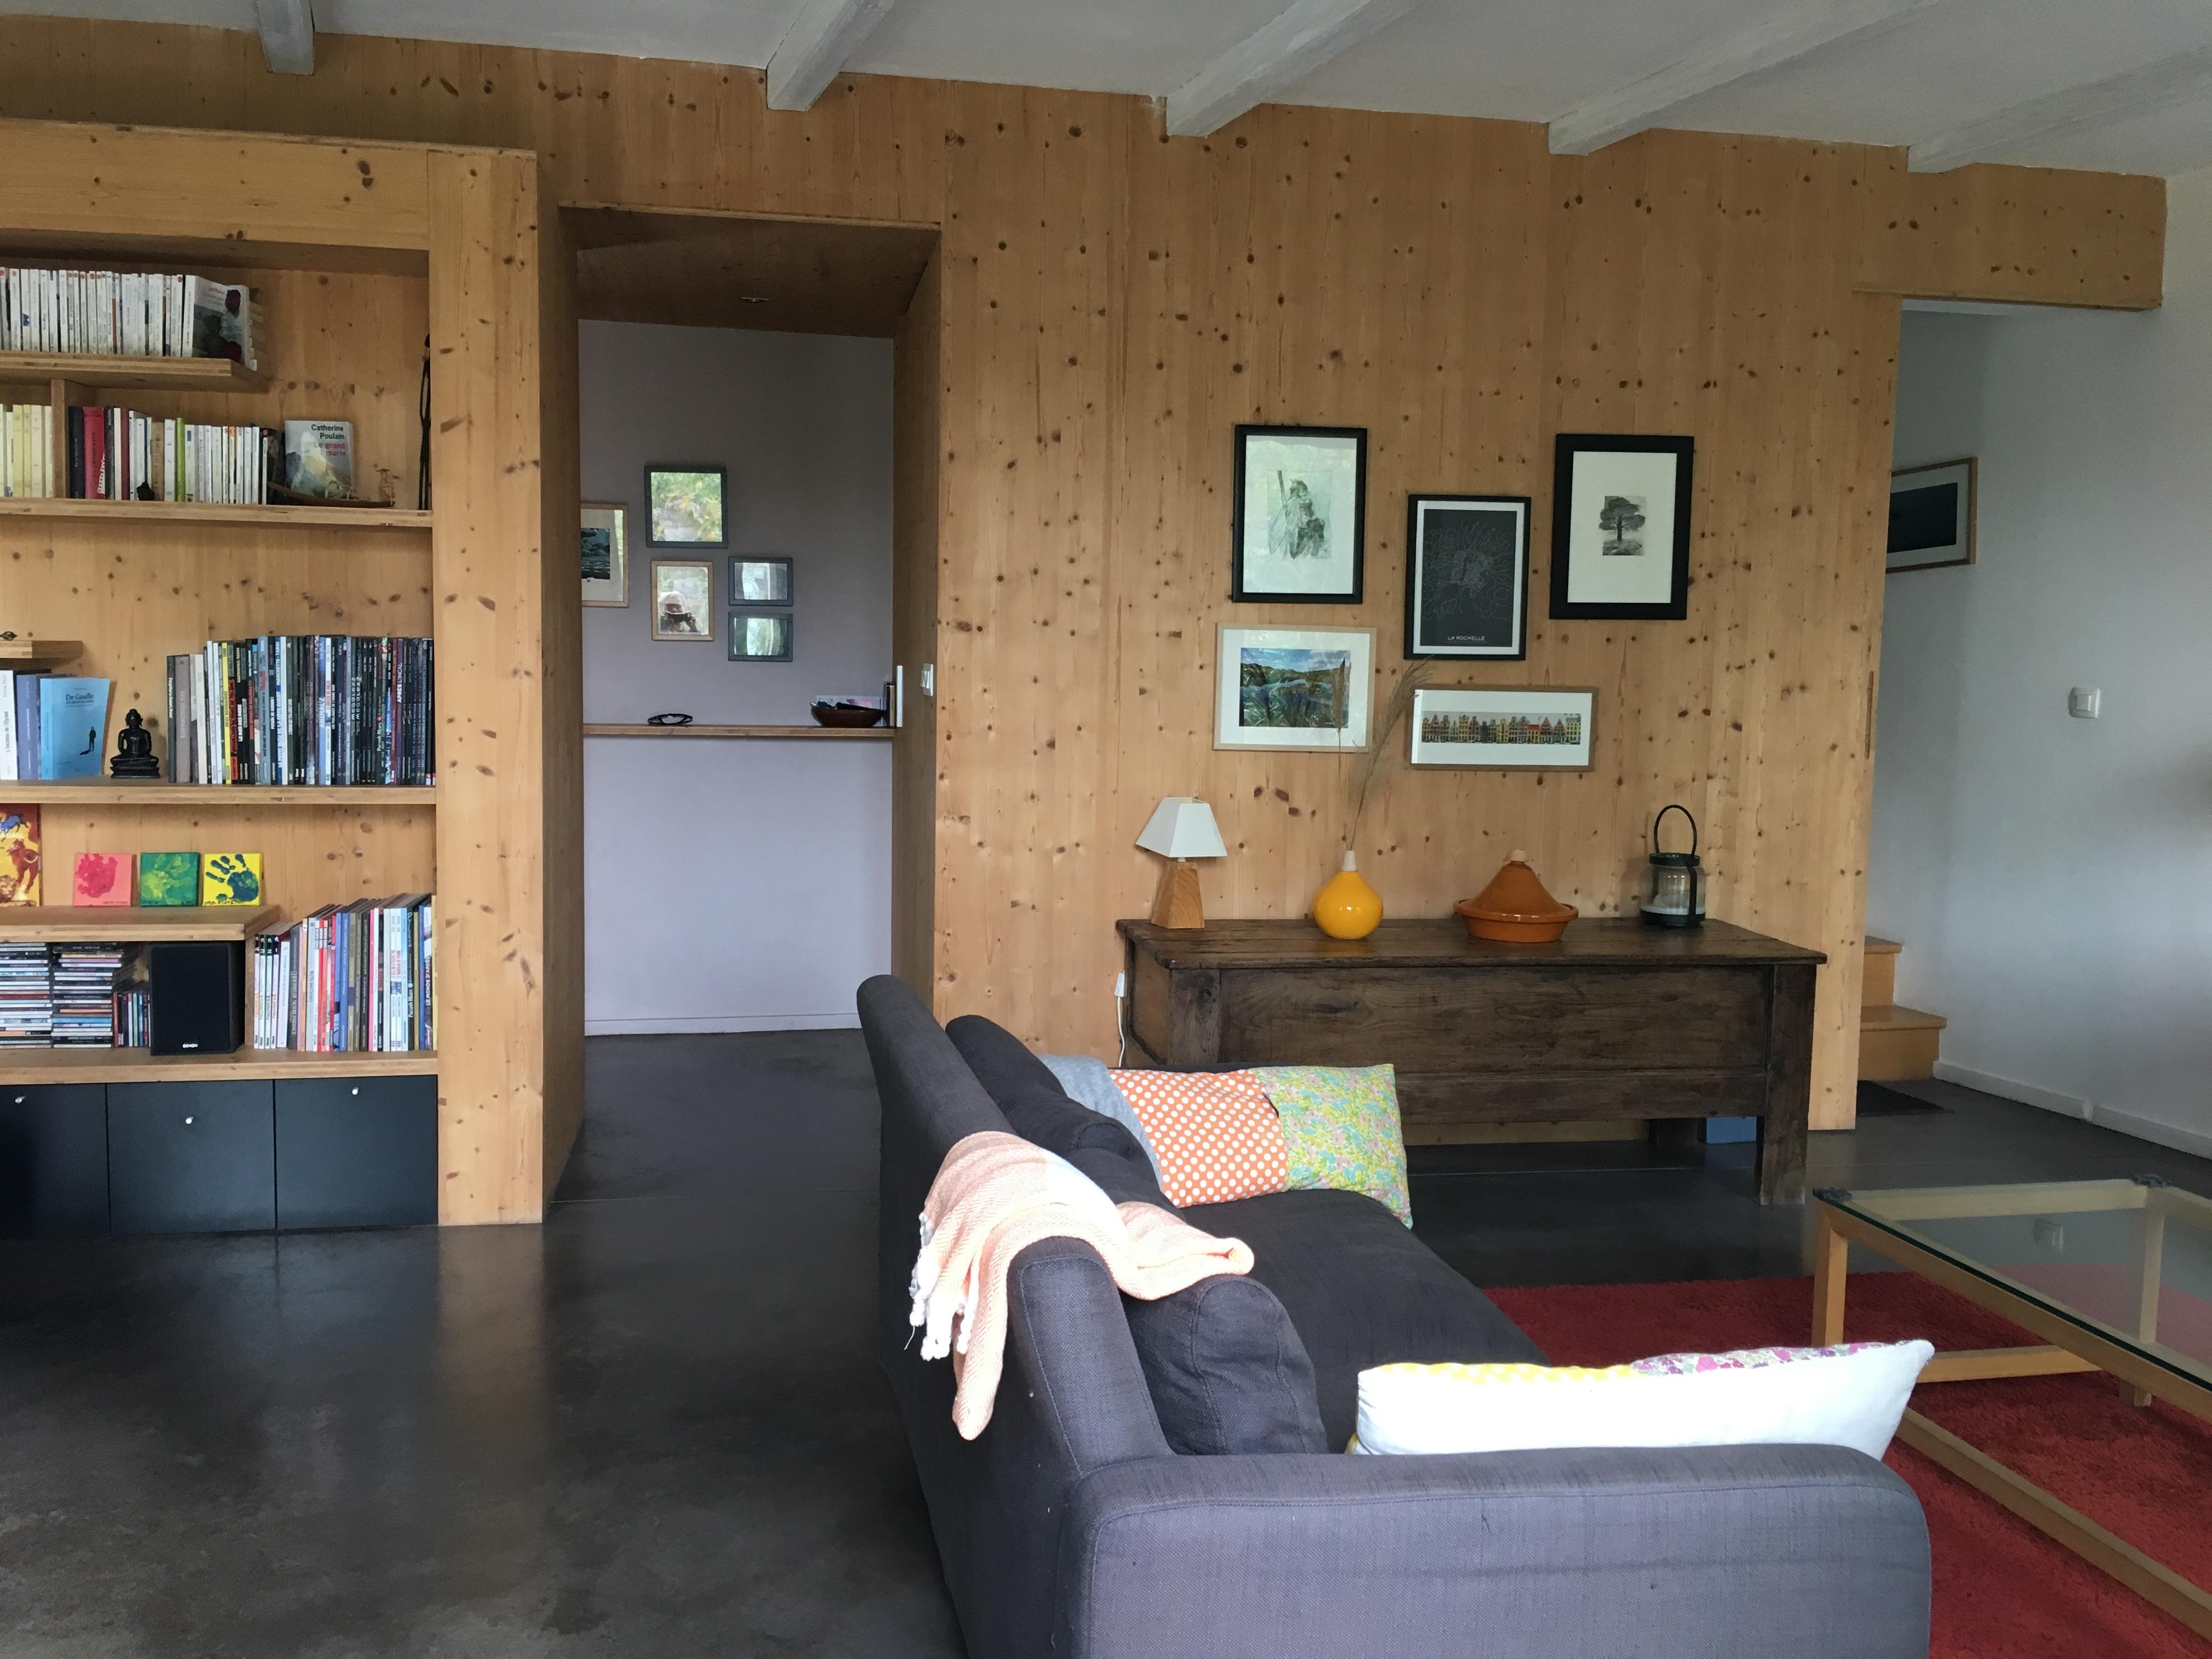 location vacances rochelle dompierre